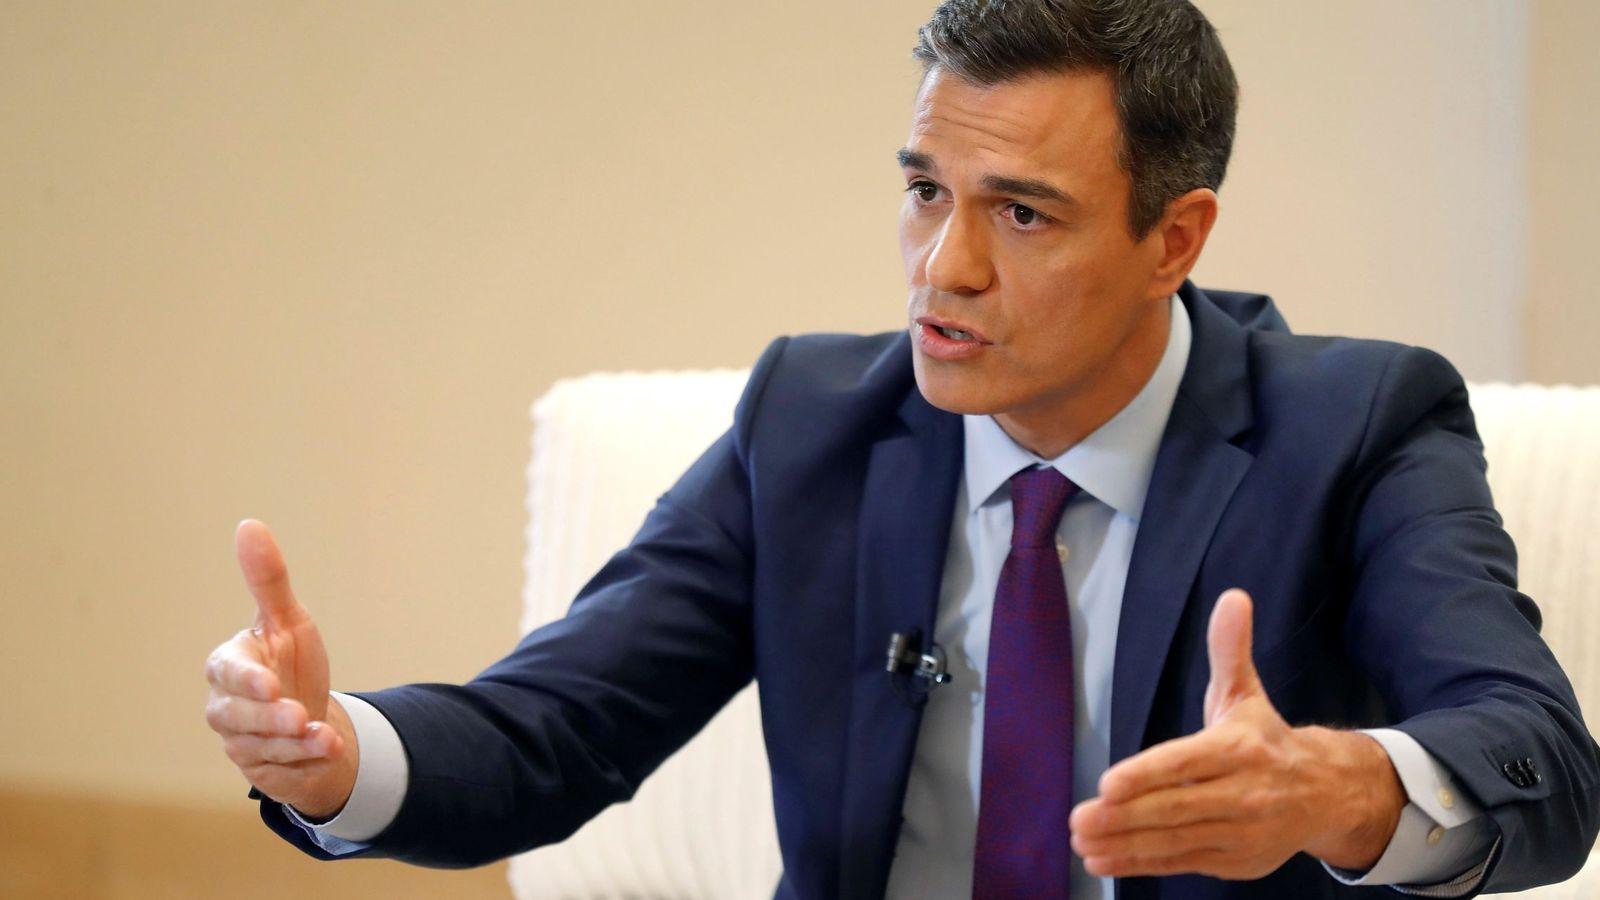 Foto: El presidente del Gobierno, Pedro Sánchez, durante la entrevista con la Agencia Efe en el Palacio de La Moncloa. (EFE)